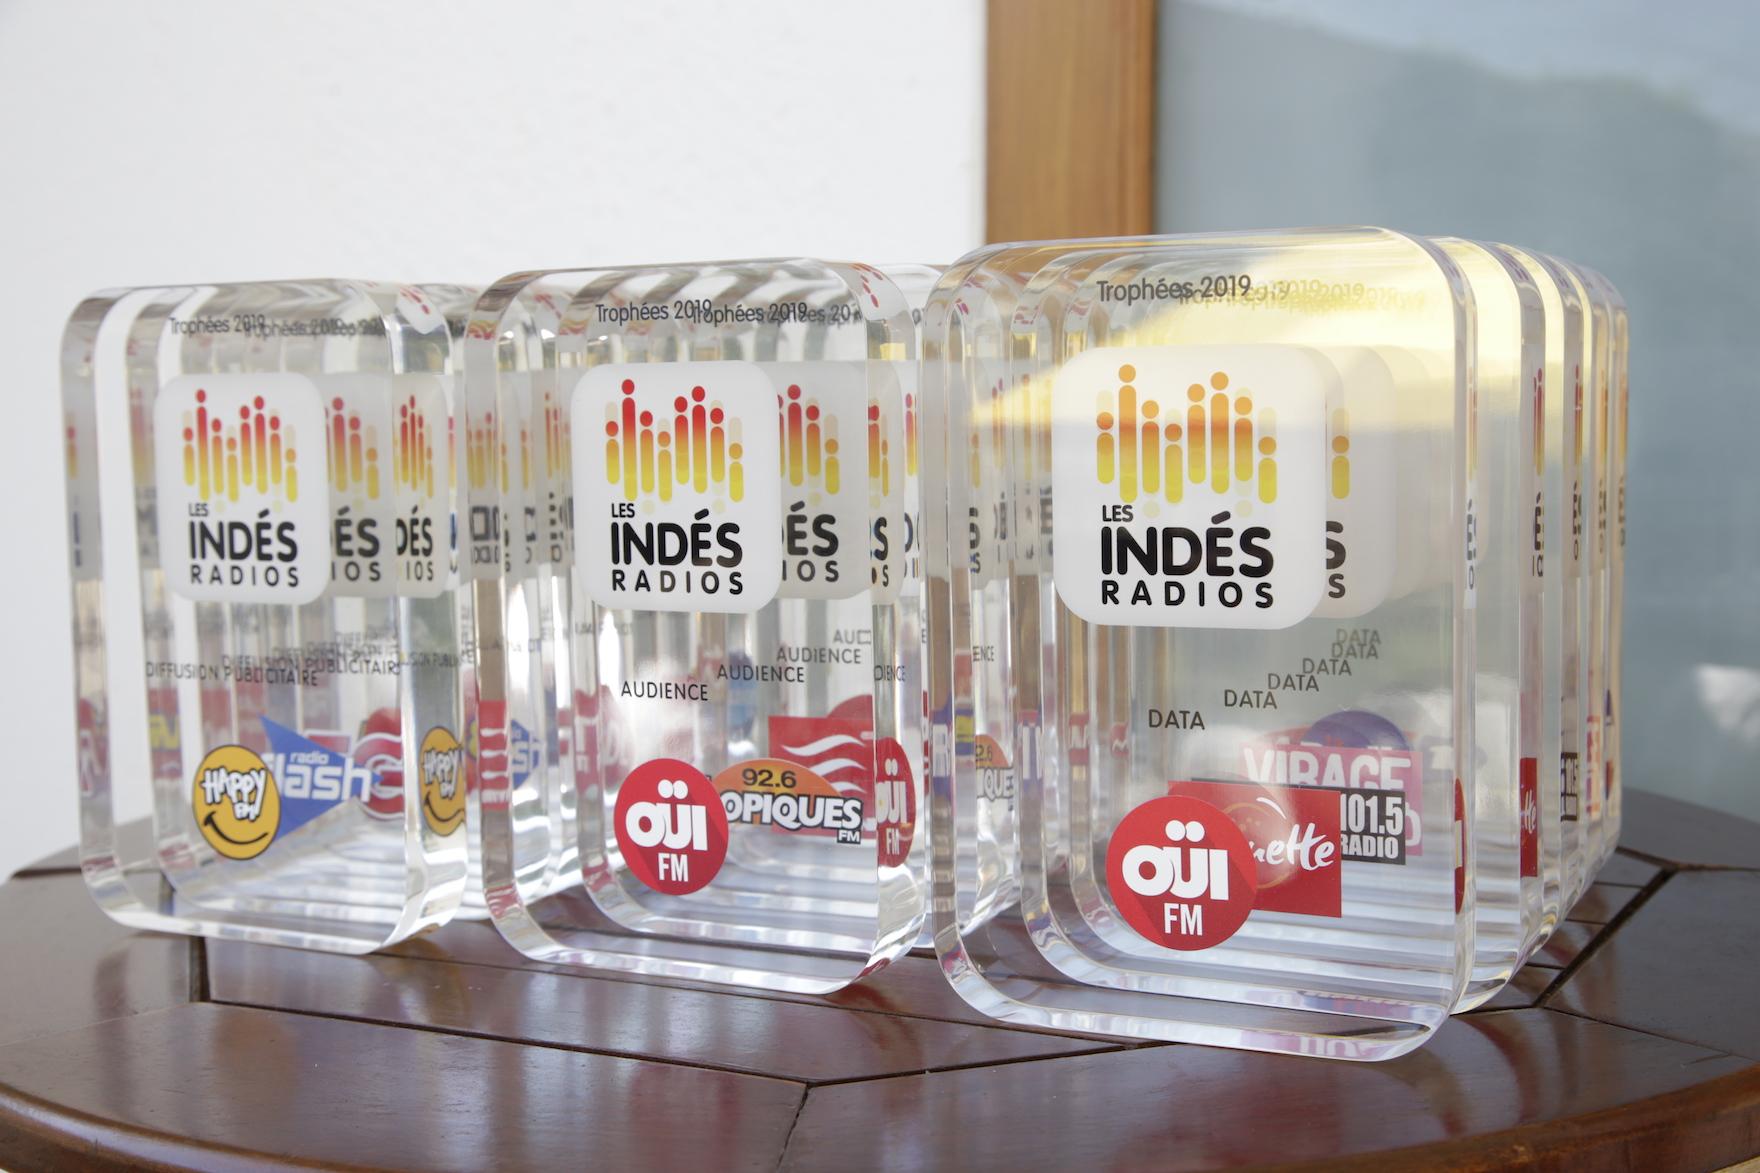 Les Indés Radios récompensent les performances des stations